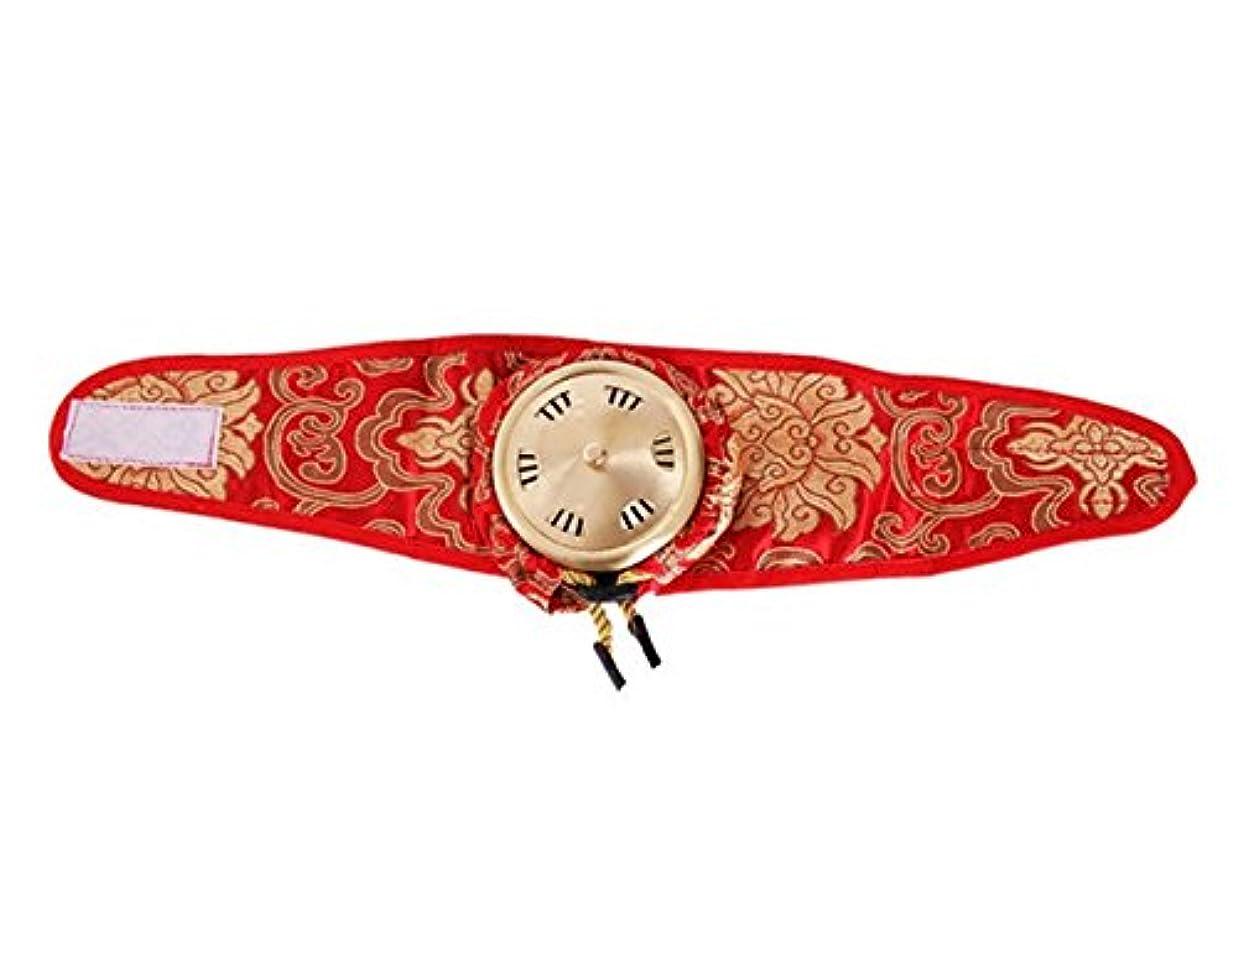 パールひいきにする花束ポータブルシングルリンク純粋な銅サテン布灸マッサージボックス Elitzia ET01